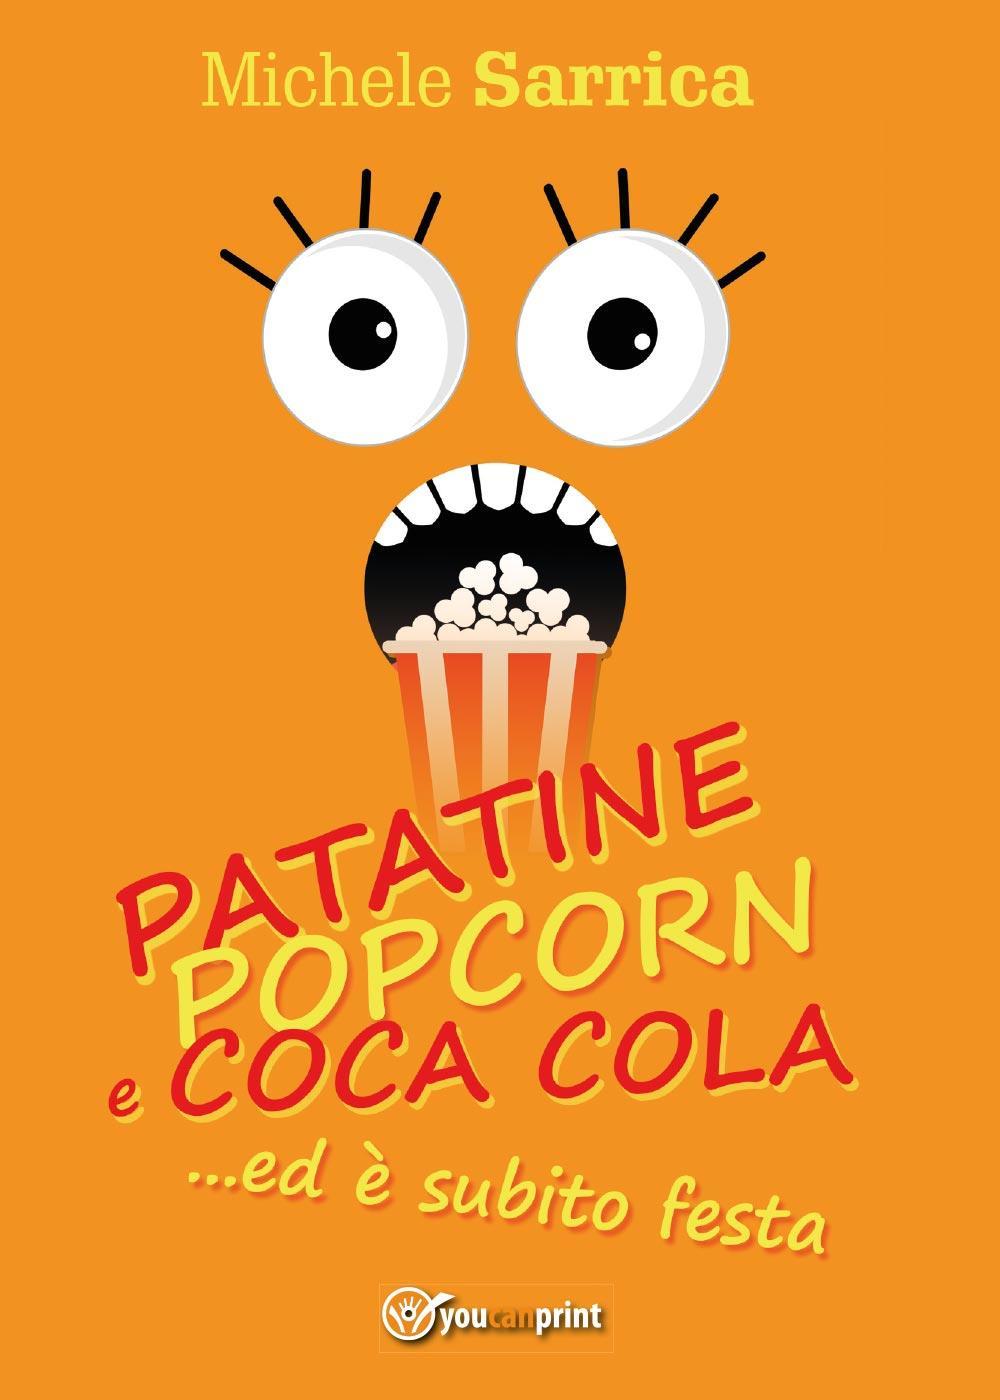 Patatine pop corn e Coca Cola... ed è subito festa